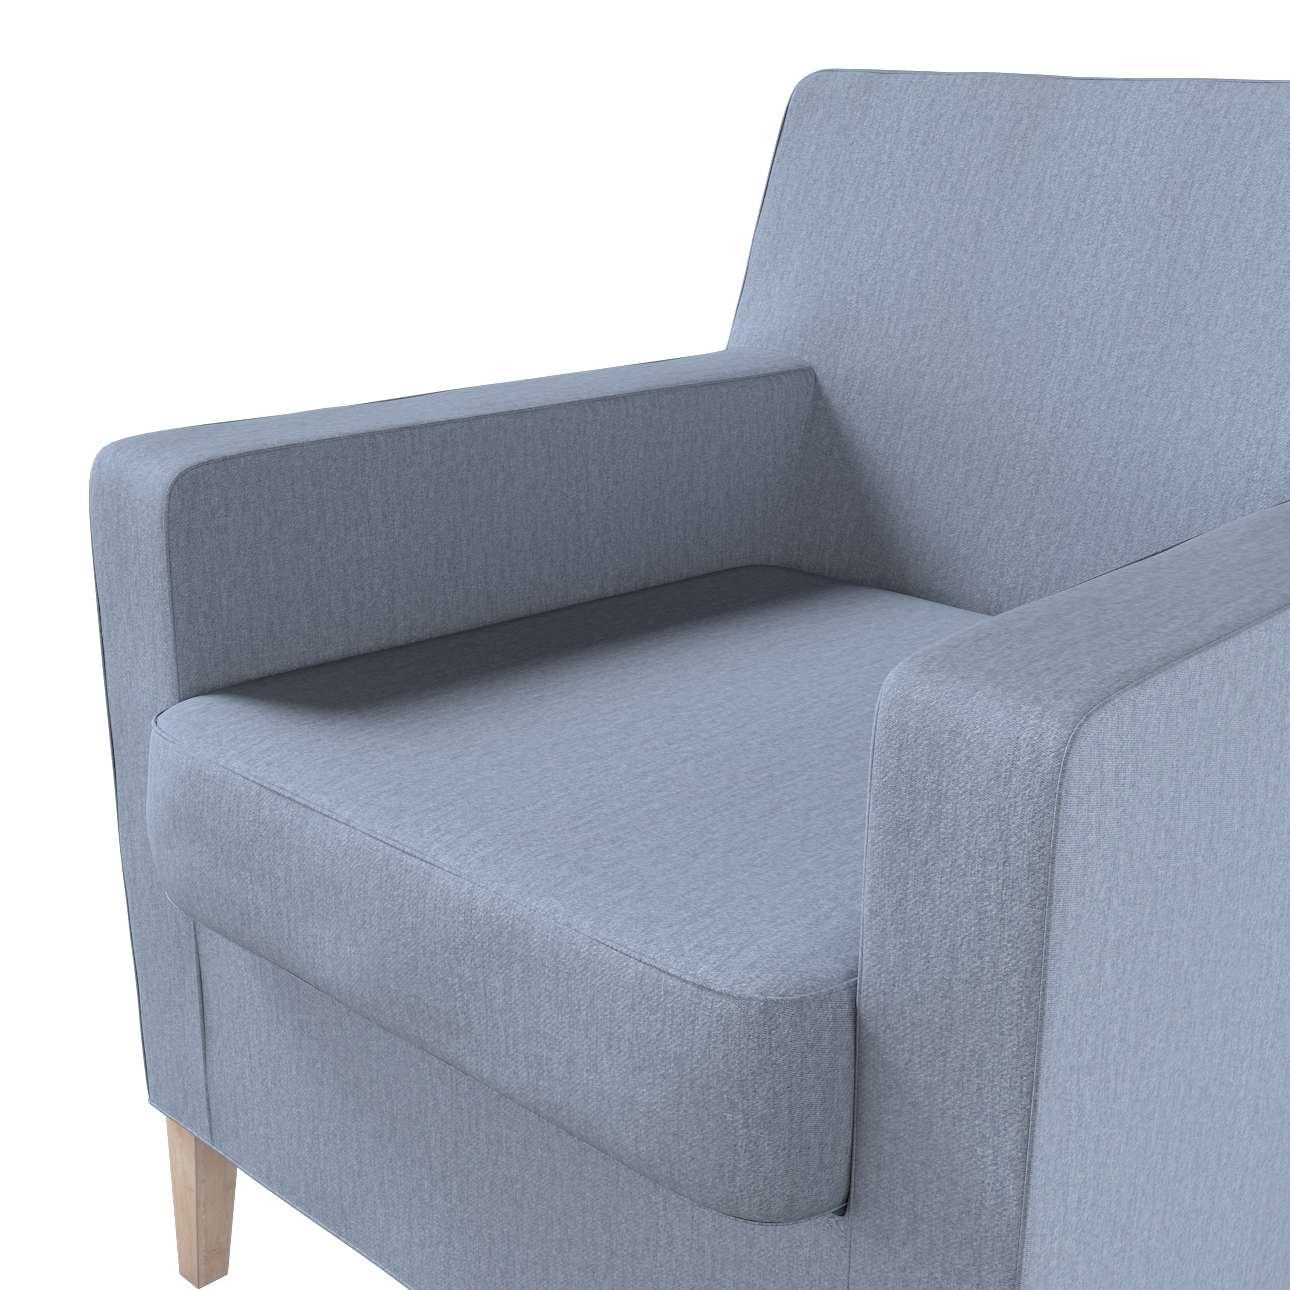 Pokrowiec na fotel Karlstad w kolekcji Chenille, tkanina: 702-13